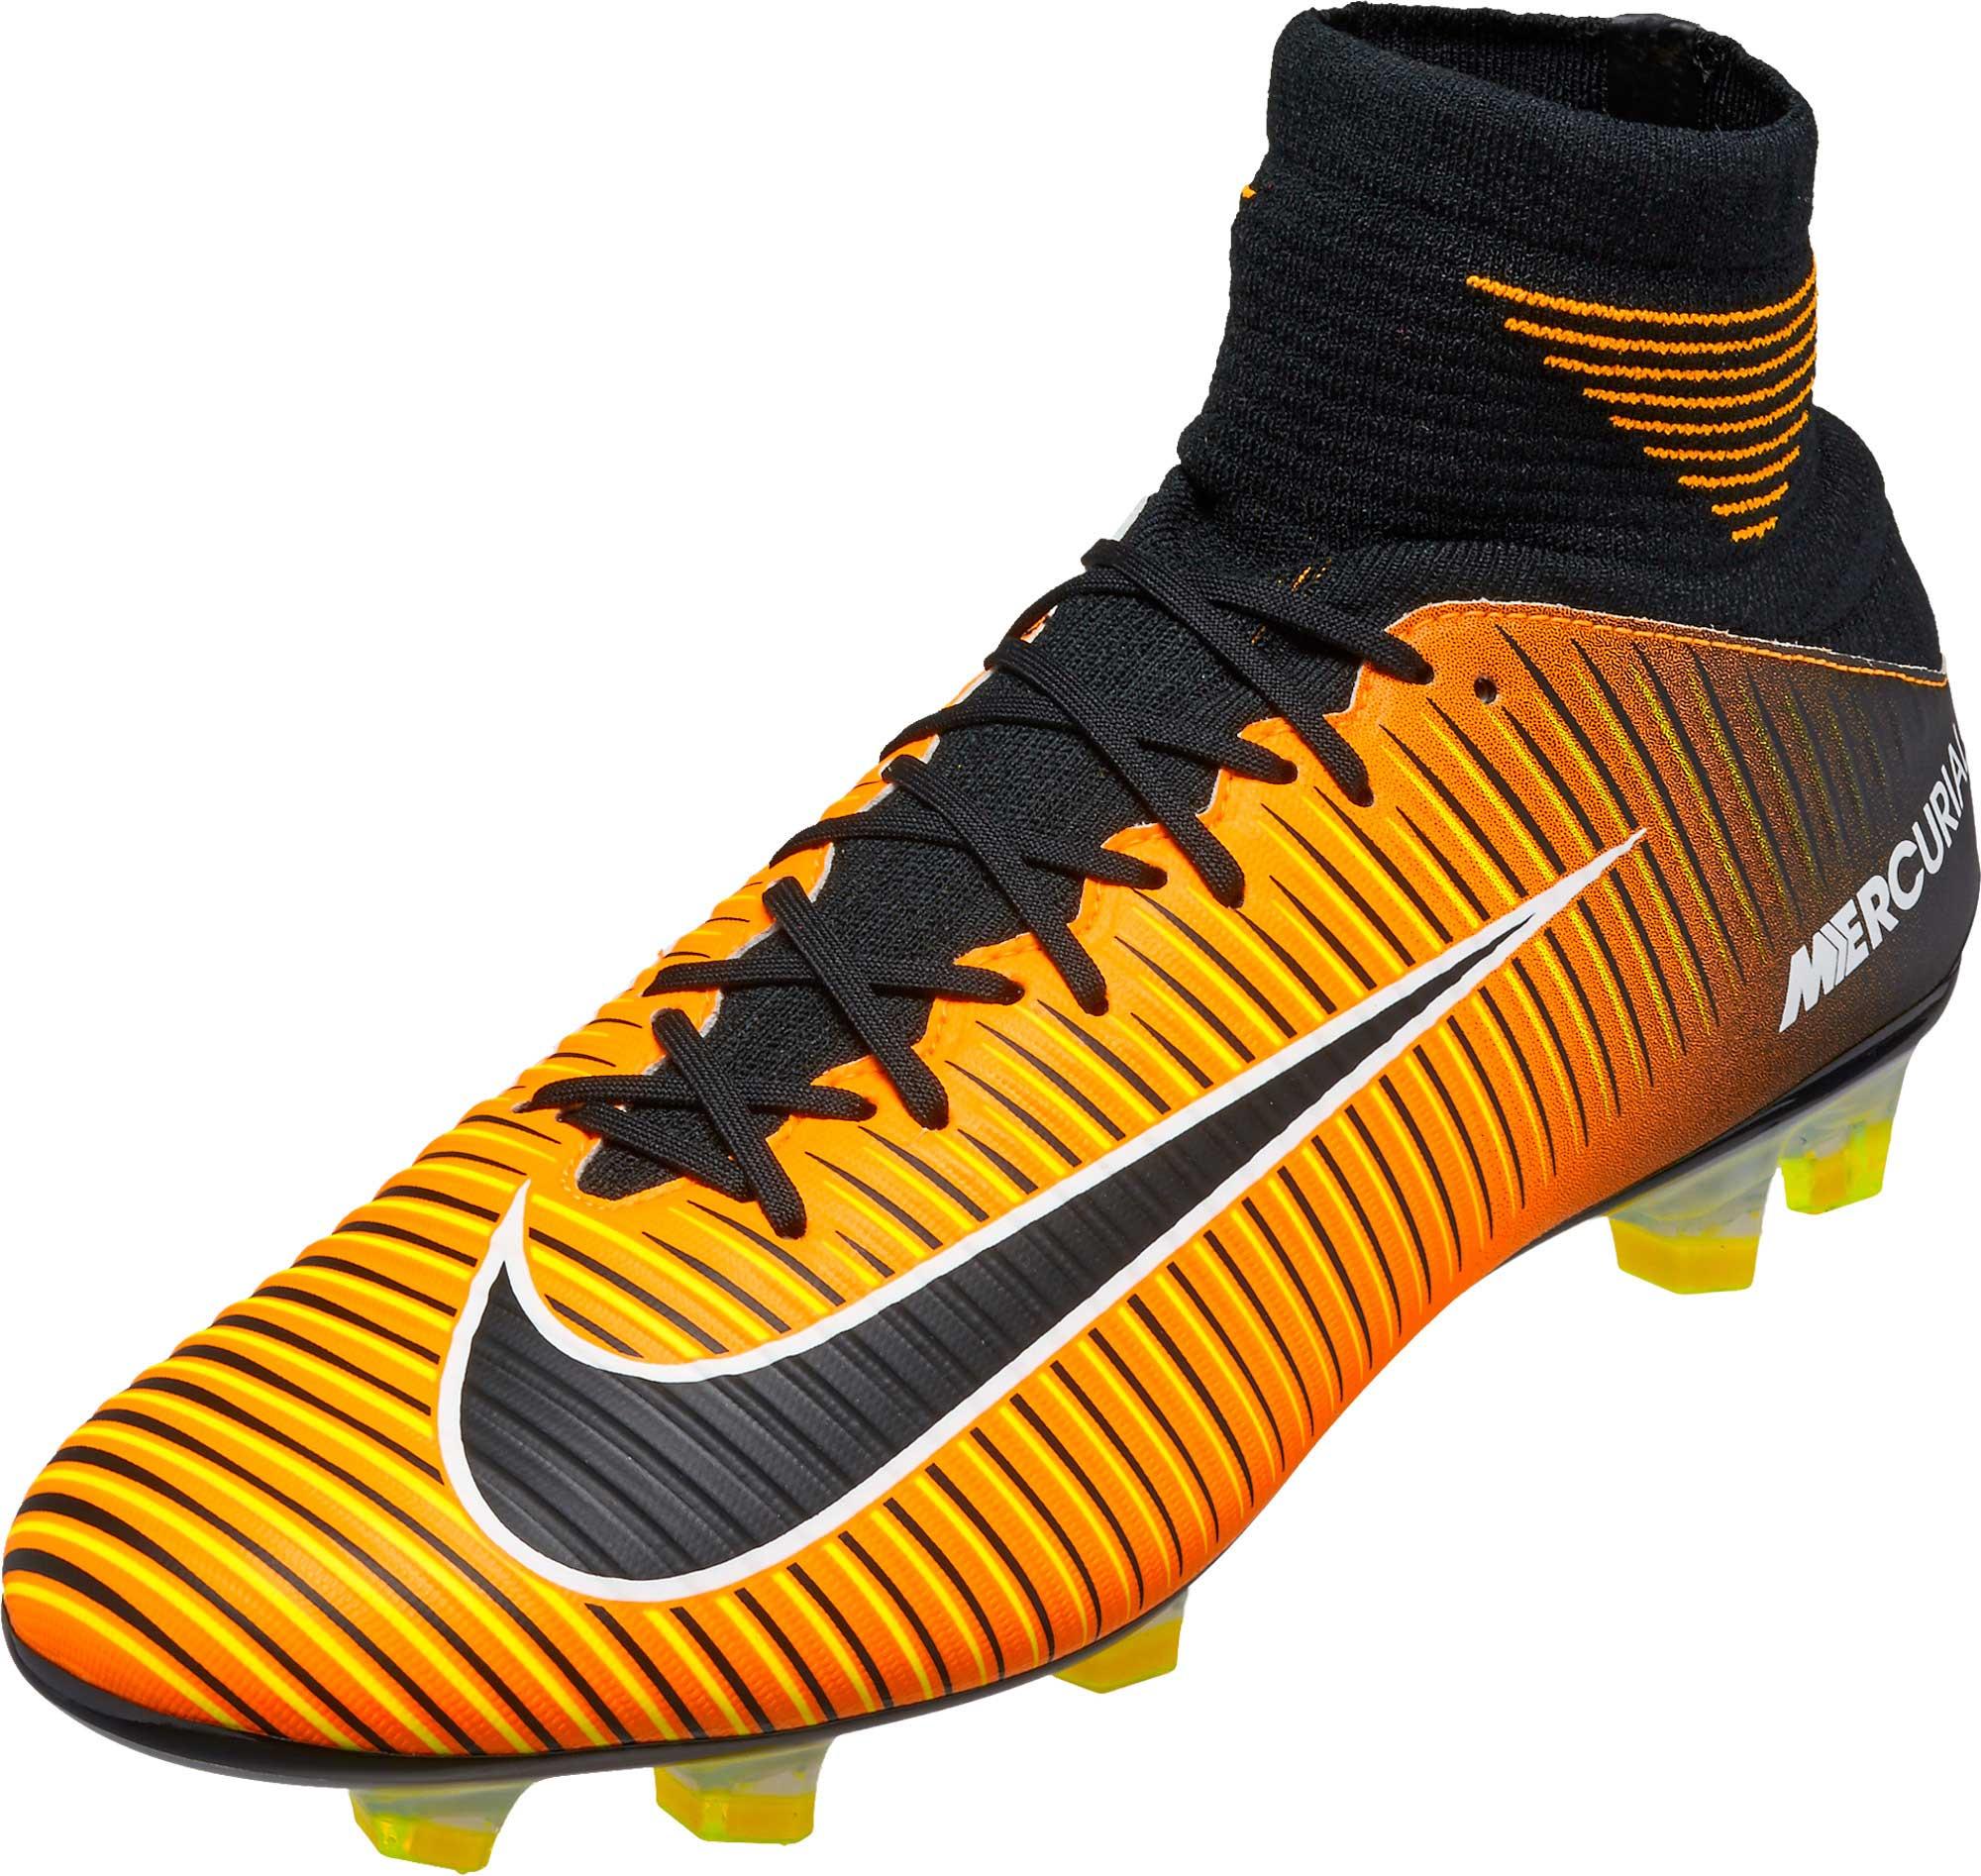 detailed look 88409 af2f4 Nike Mercurial Veloce III DF FG Soccer Cleats – Laser Orange   Black